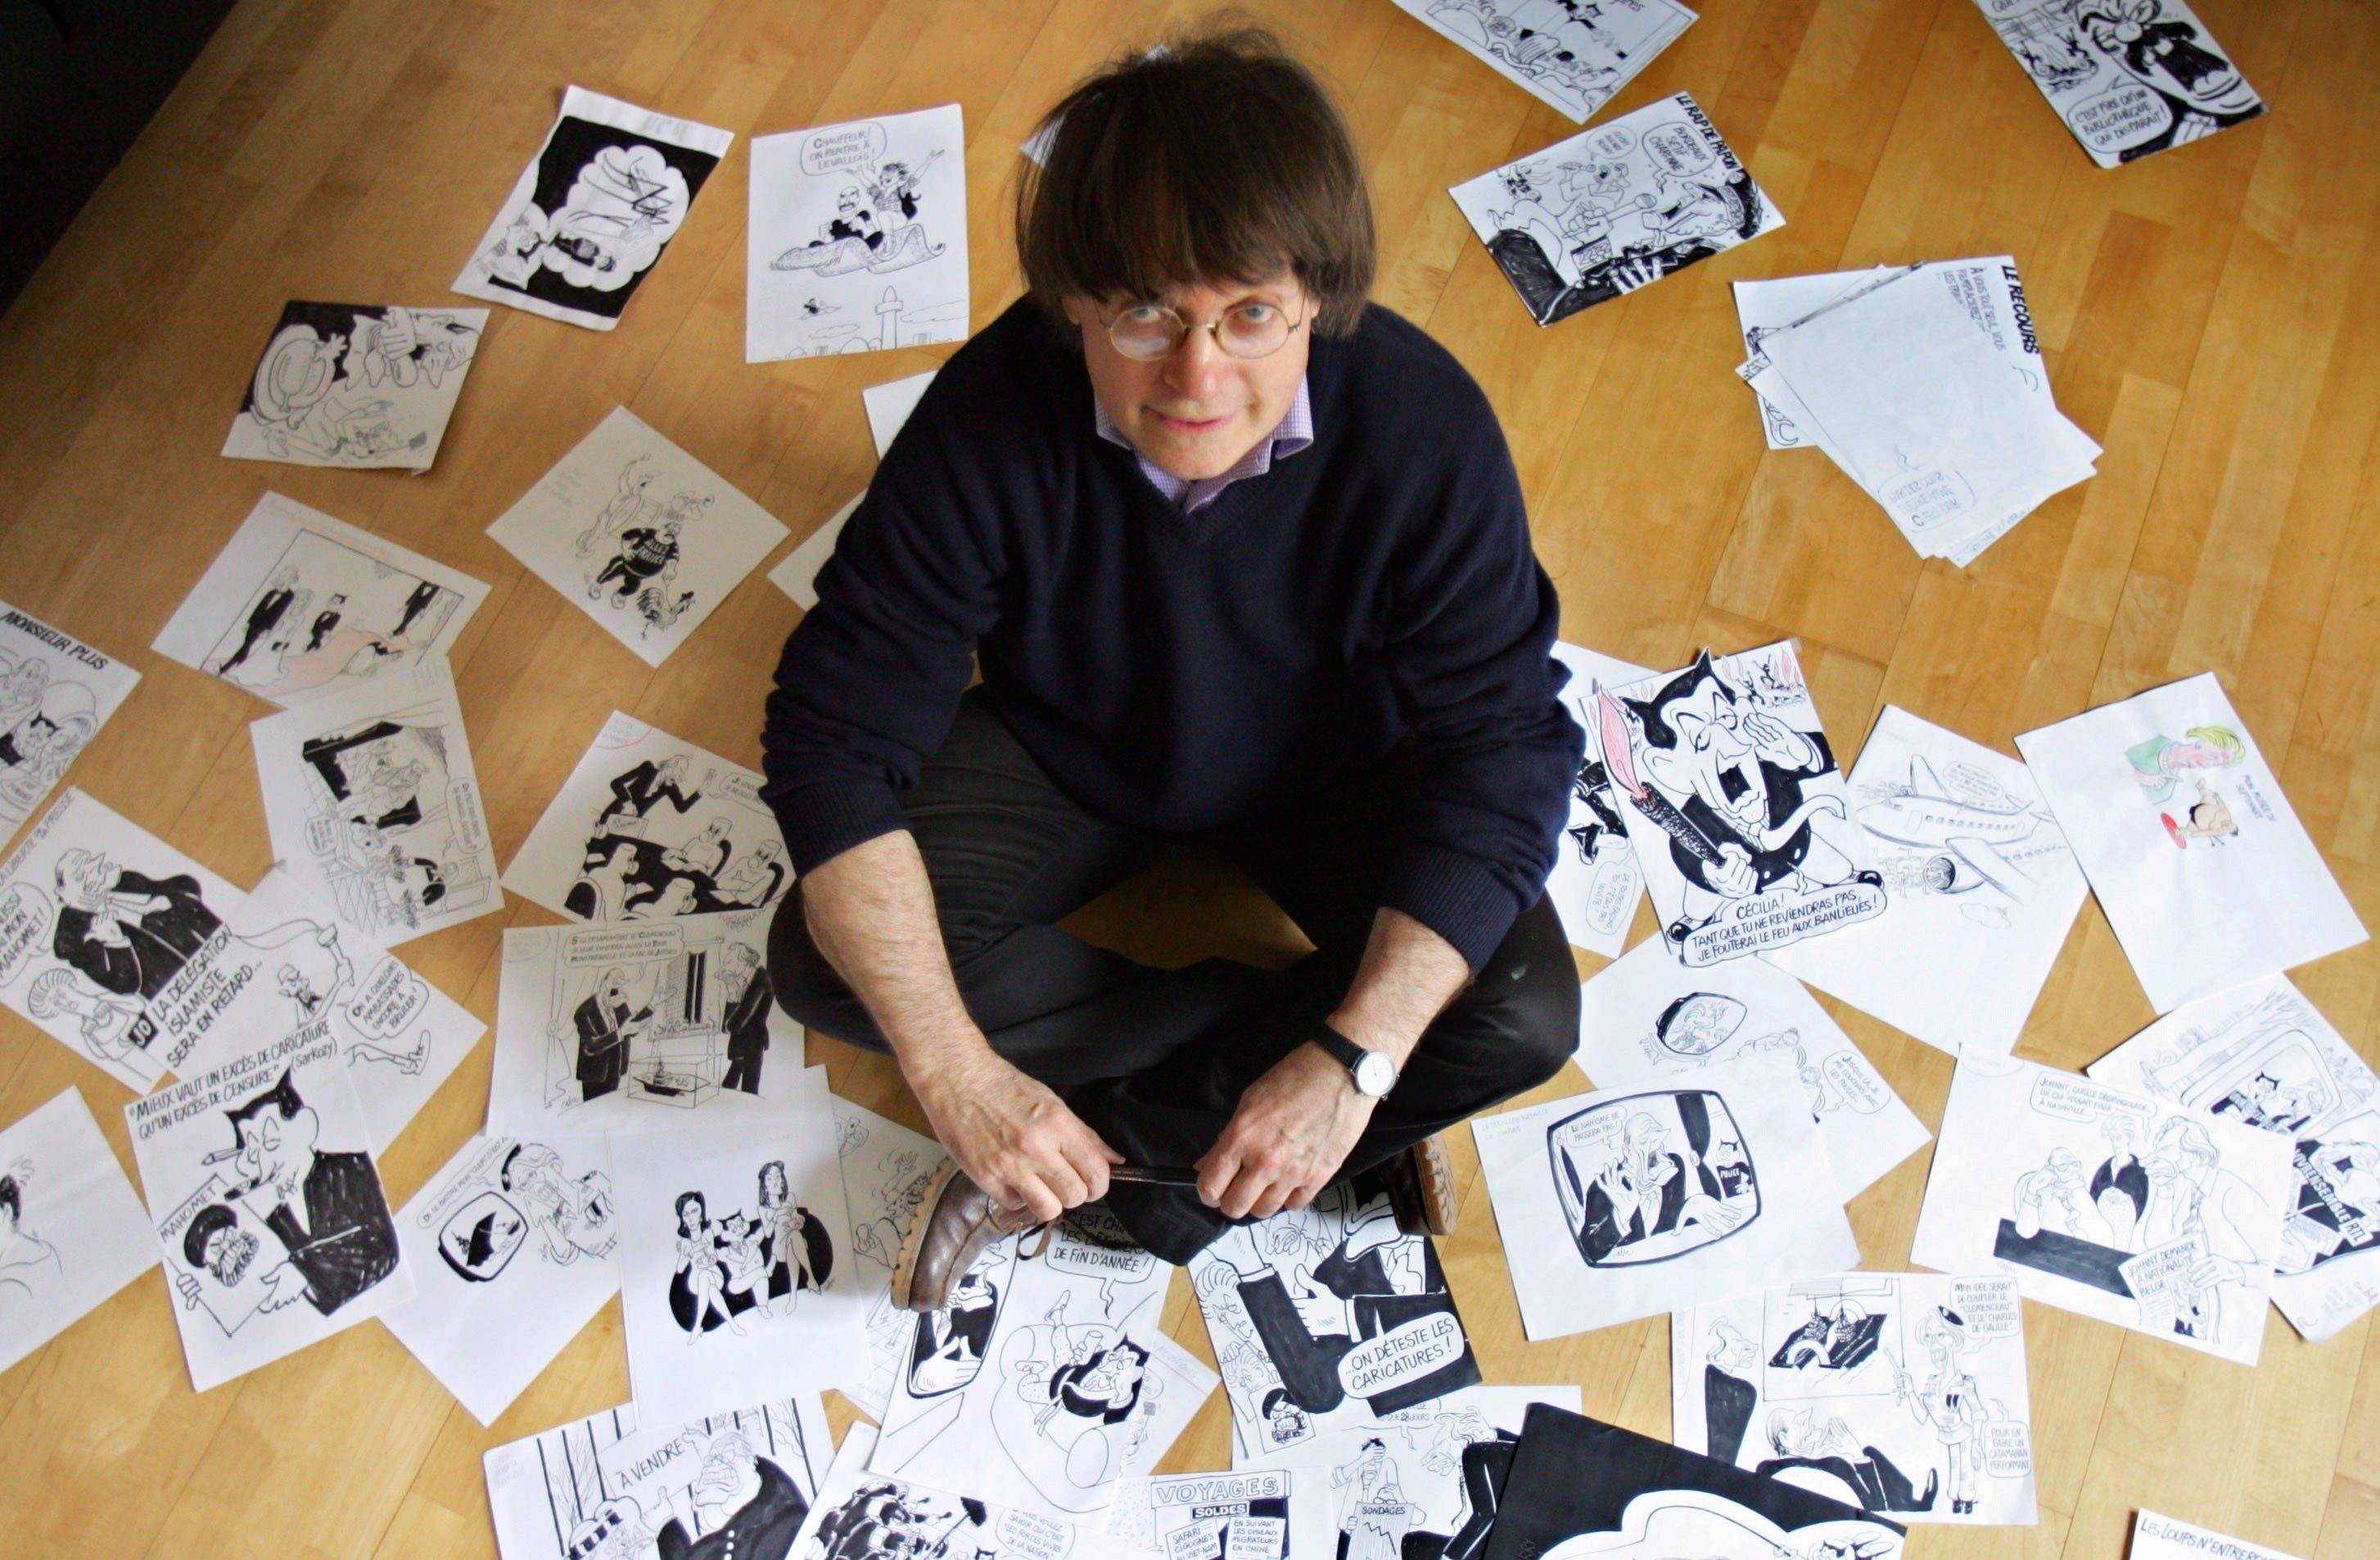 Charlie Hebdo Jean Cabut AFP